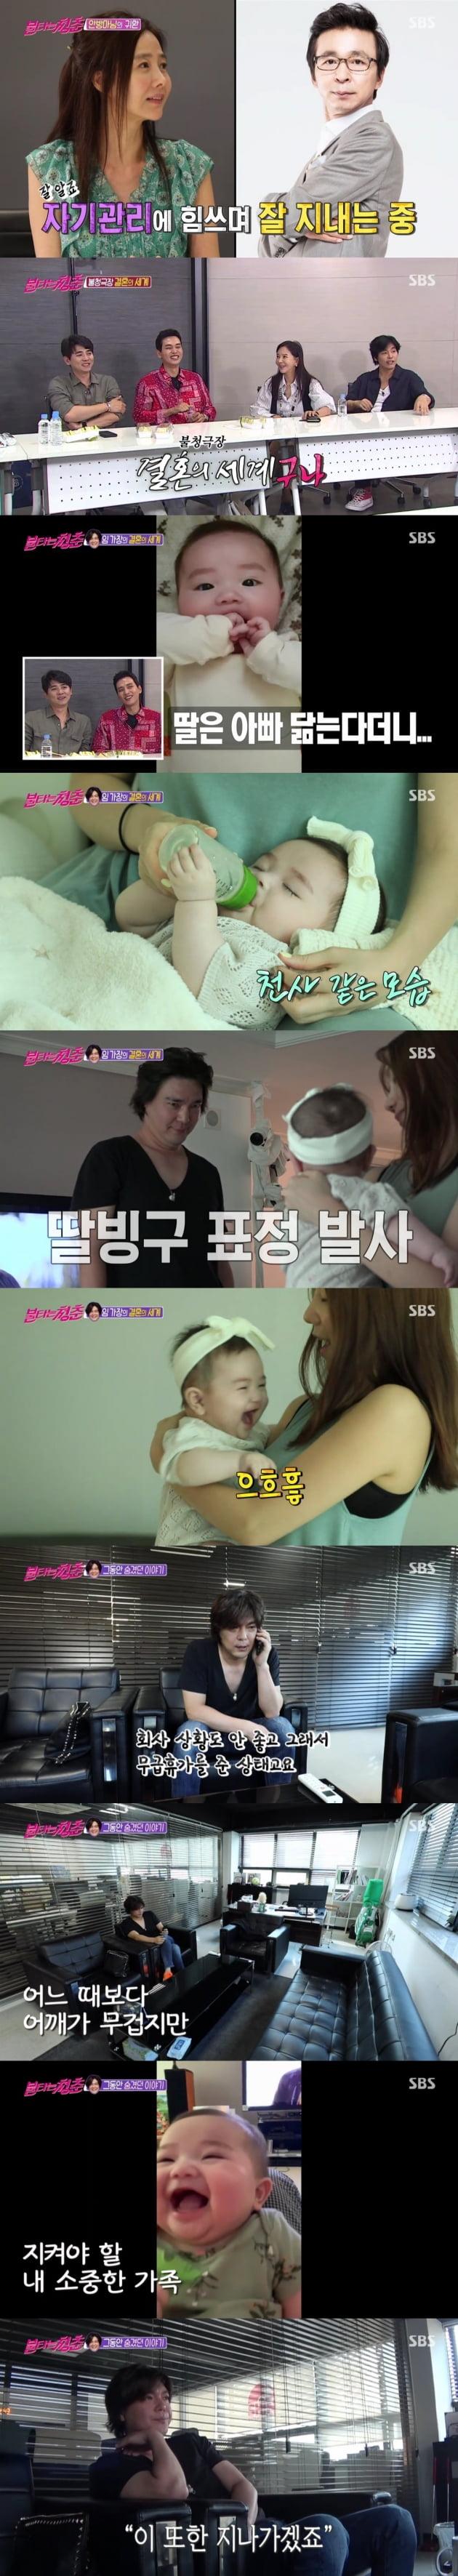 '불타는 청춘' 임재욱, 아내 공개 /사진=SBS 방송화면 캡처